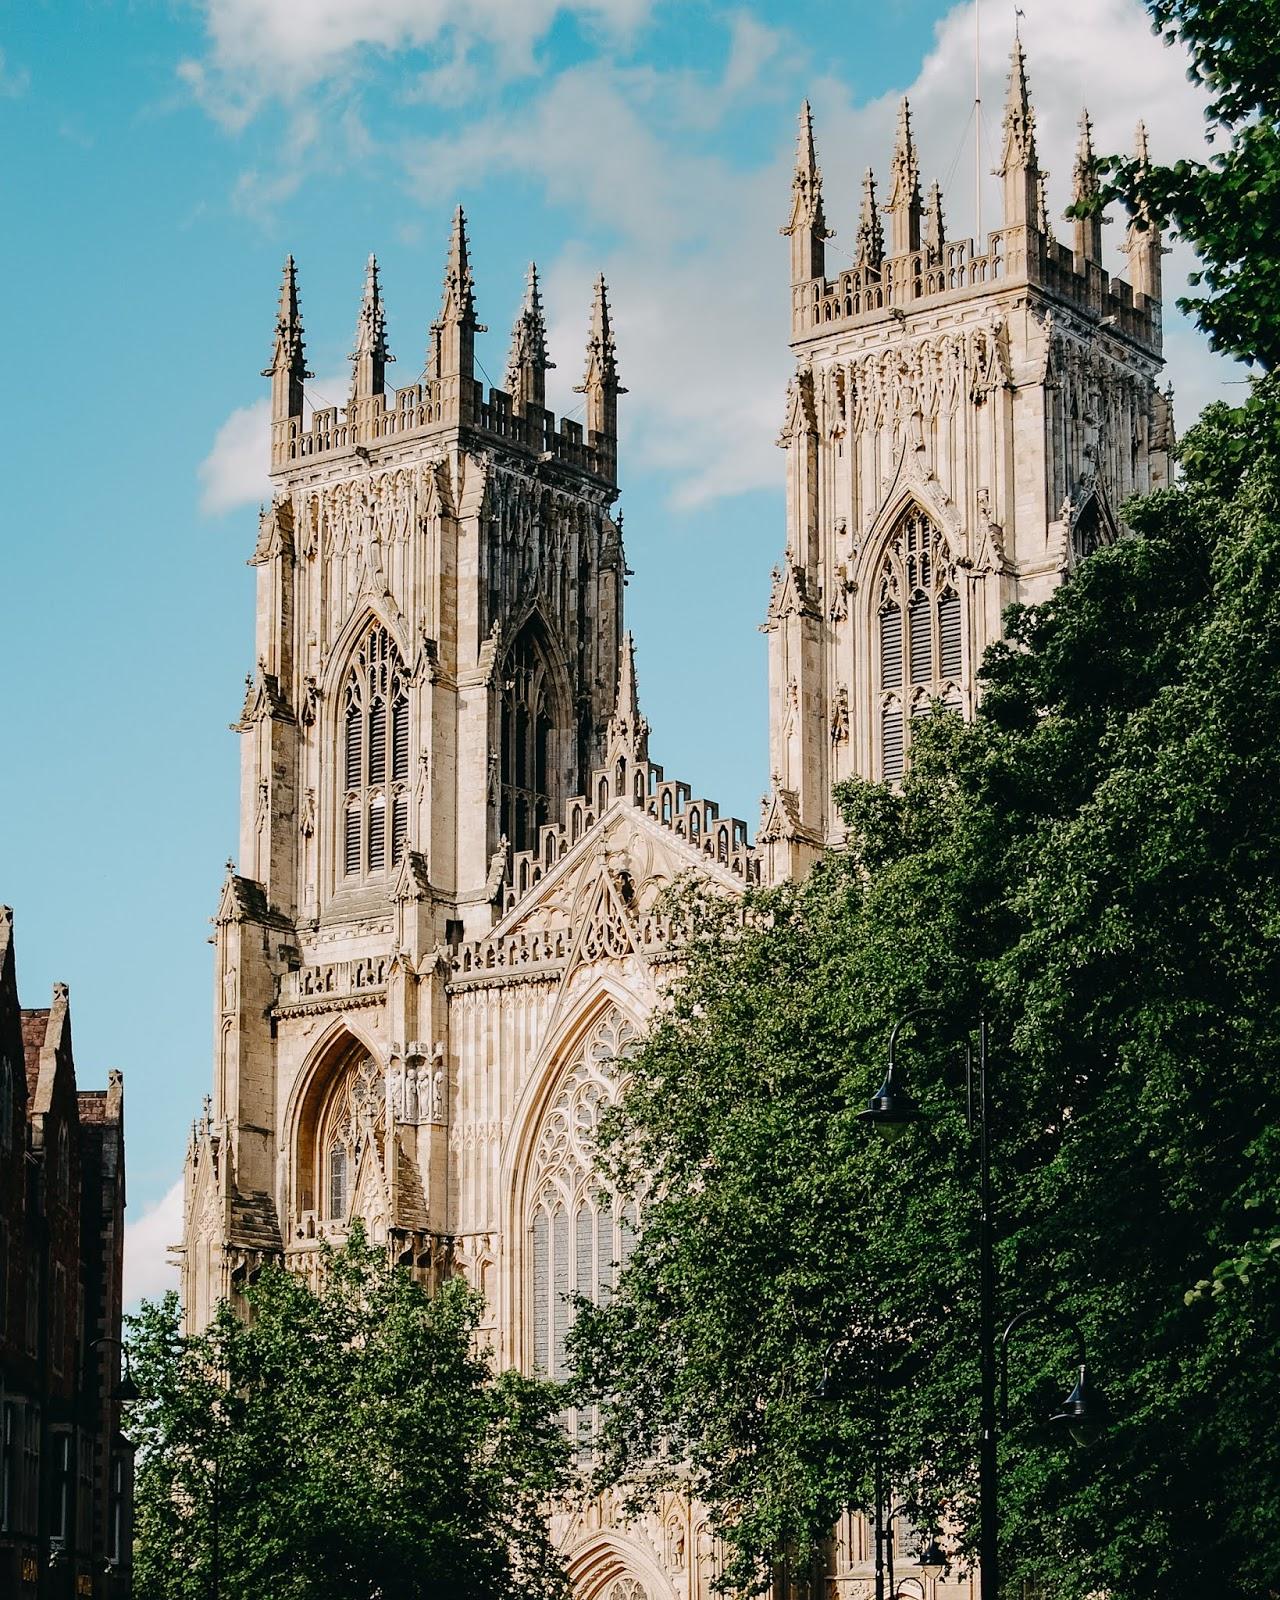 5 Reasons To Visit York